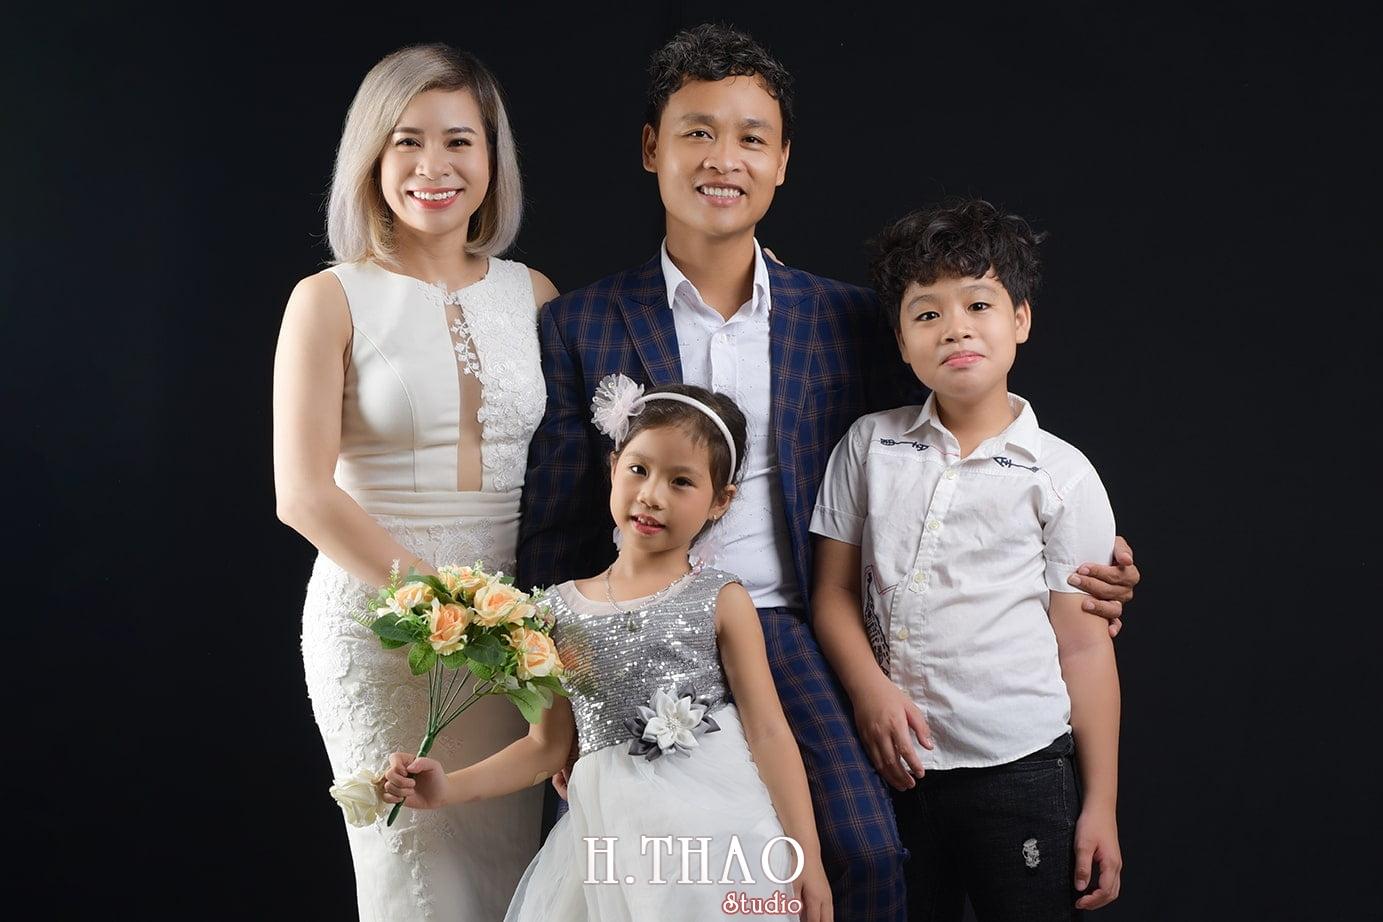 Hình chụp gia đình trong studio đẹp - chất